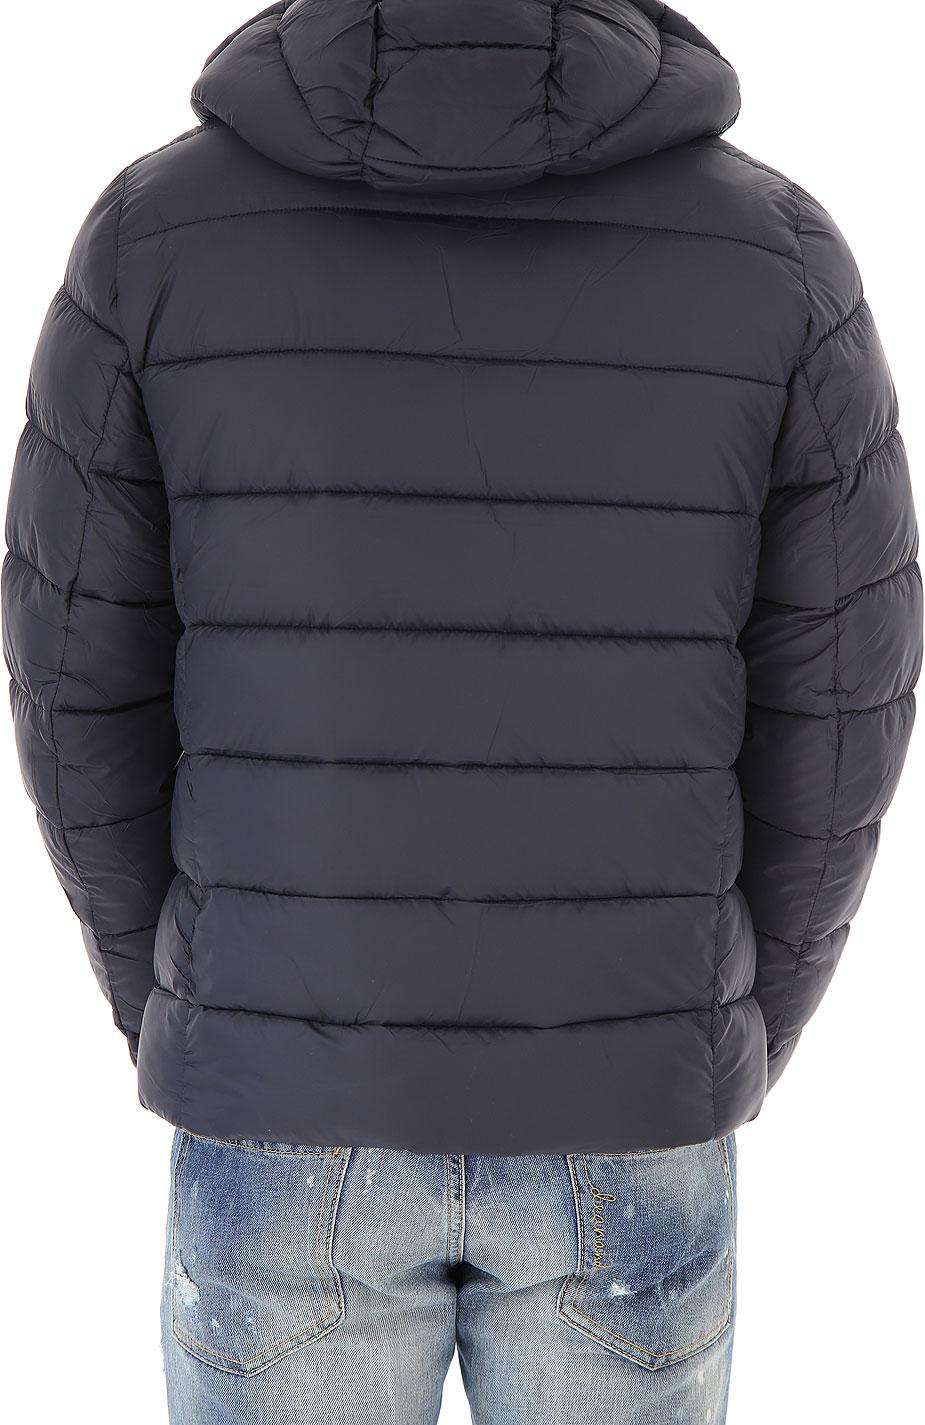 Abbigliamento Uomo Save the Duck, Codice Articolo: d3556m-giga5-00146